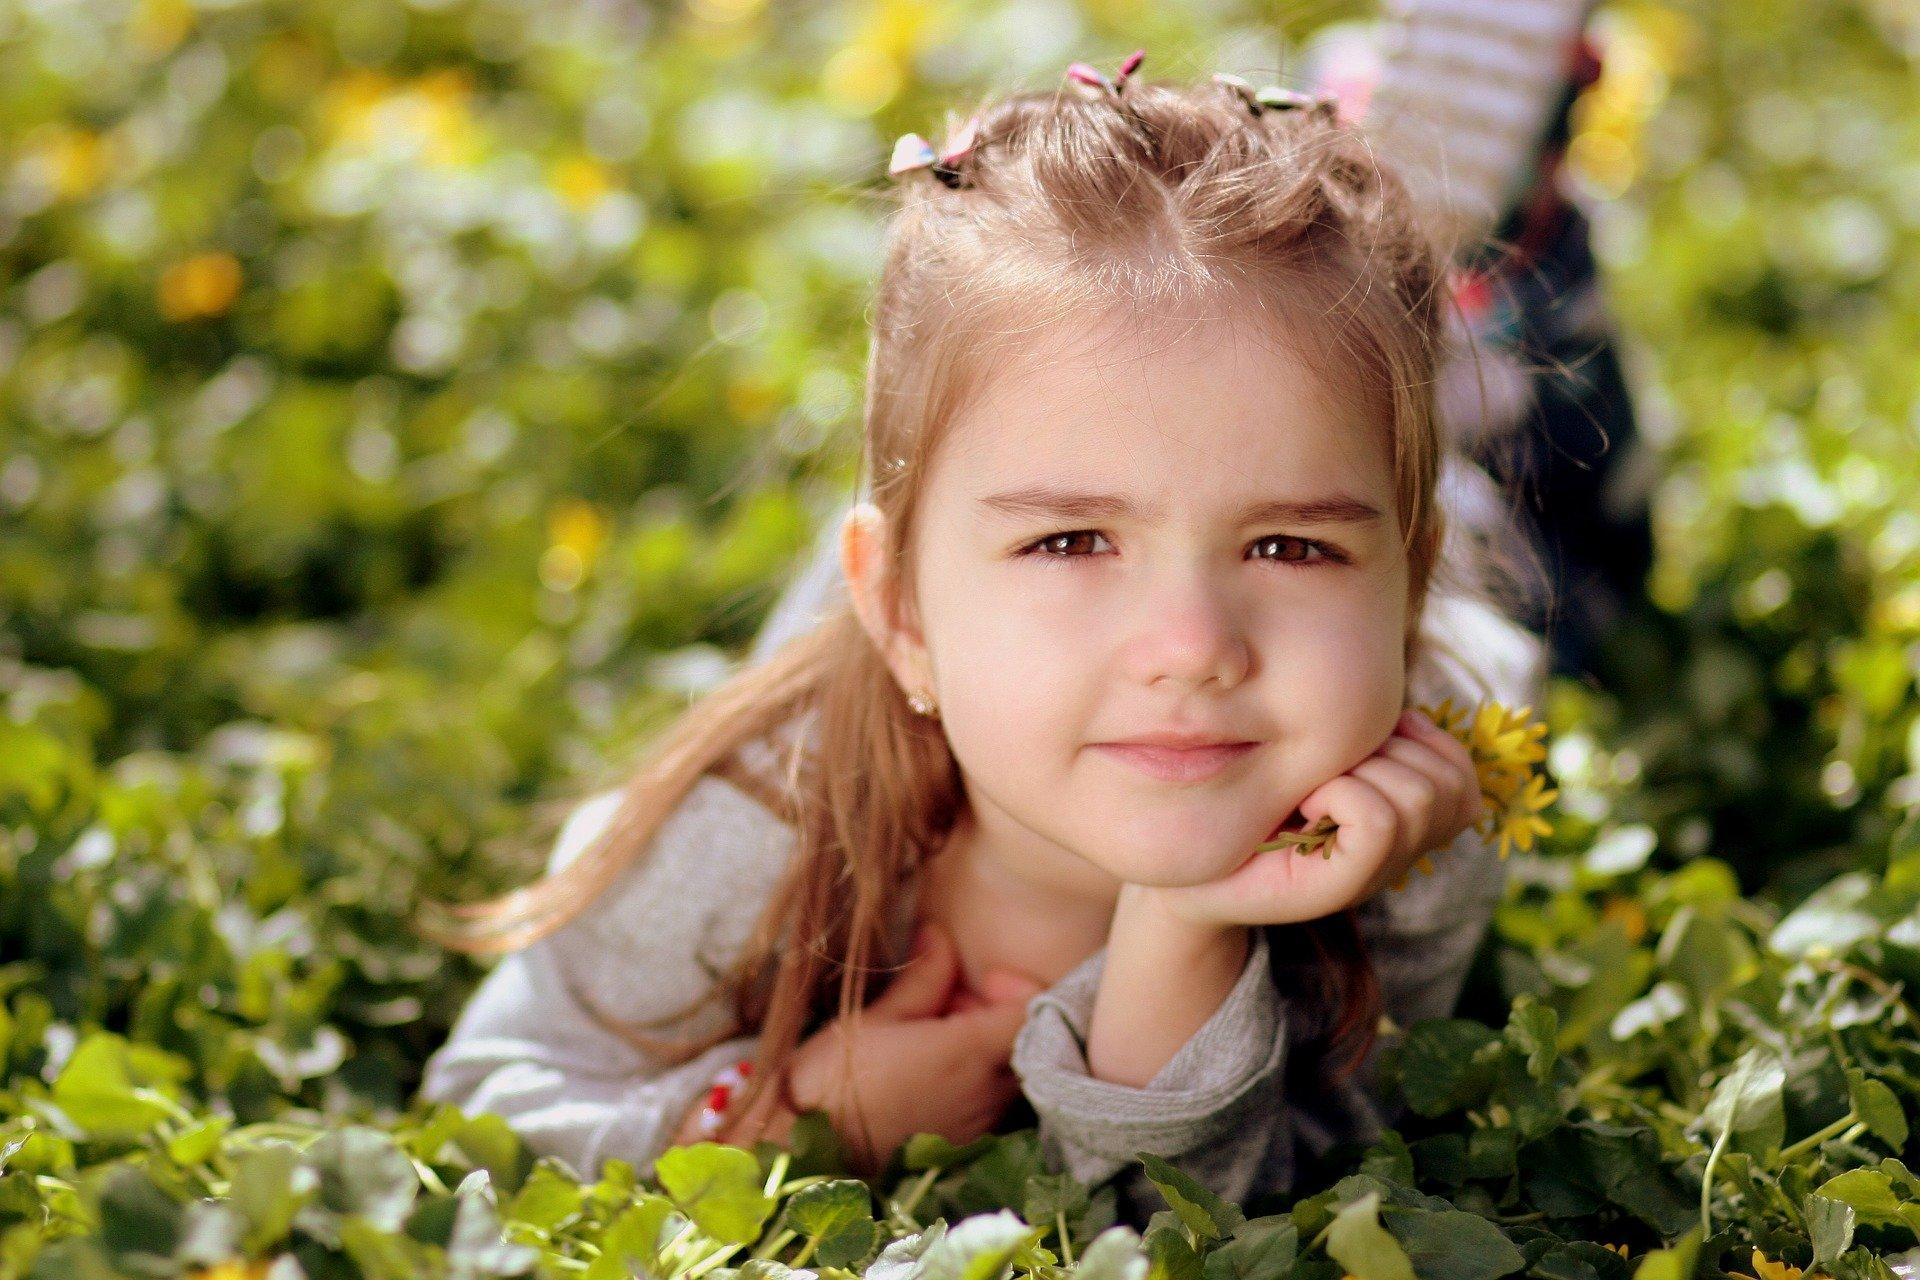 La importancia de la prevención de los piojos en los niños